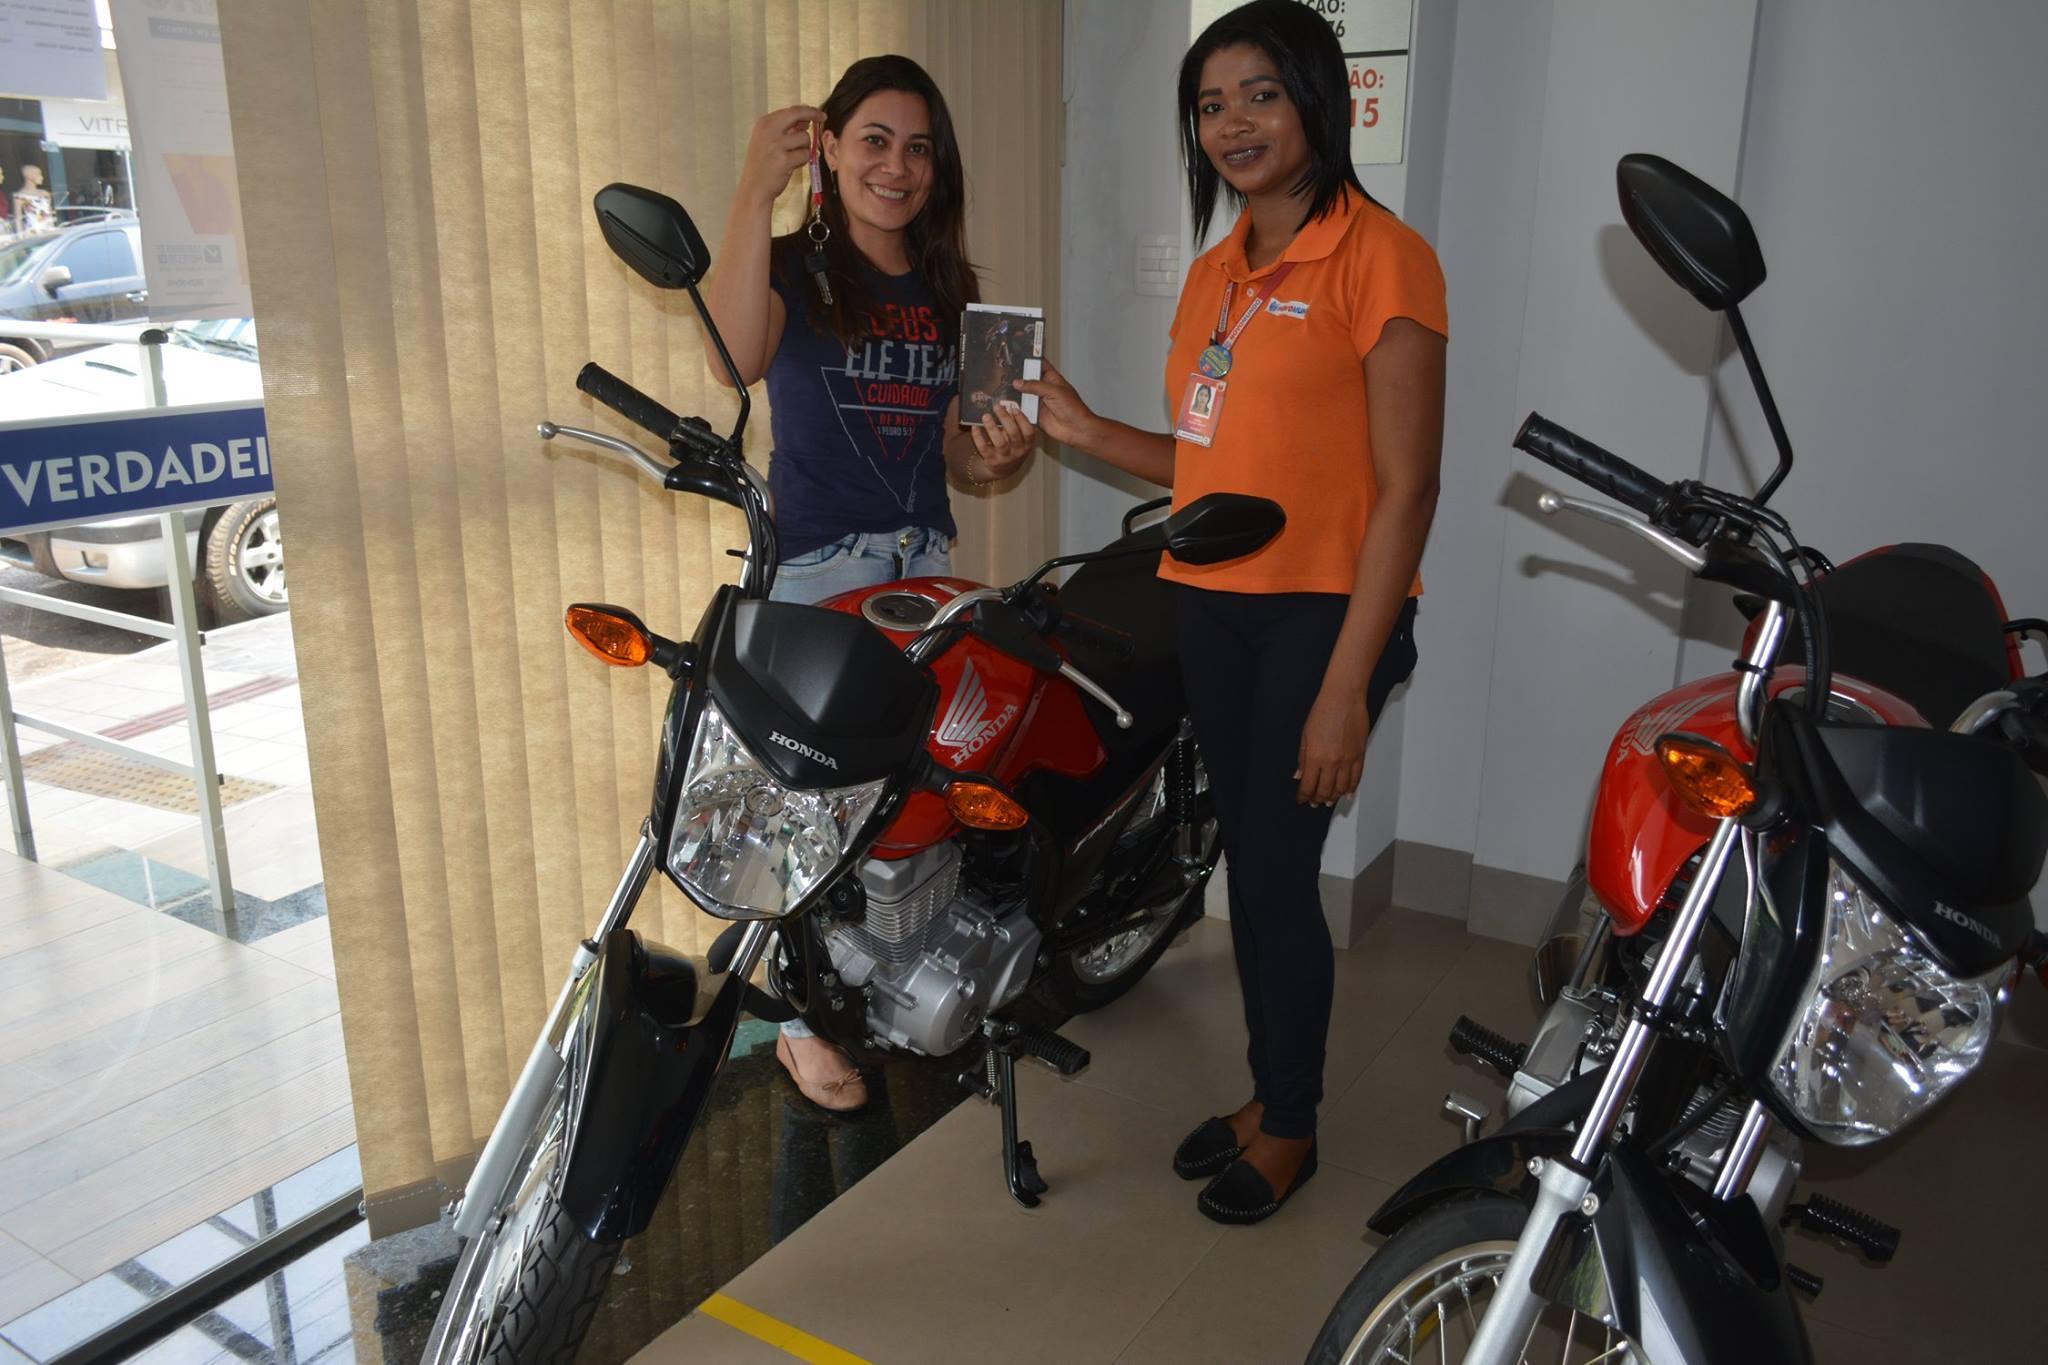 Duas motos também foram entregues aos ganhadores. Foto: CDL